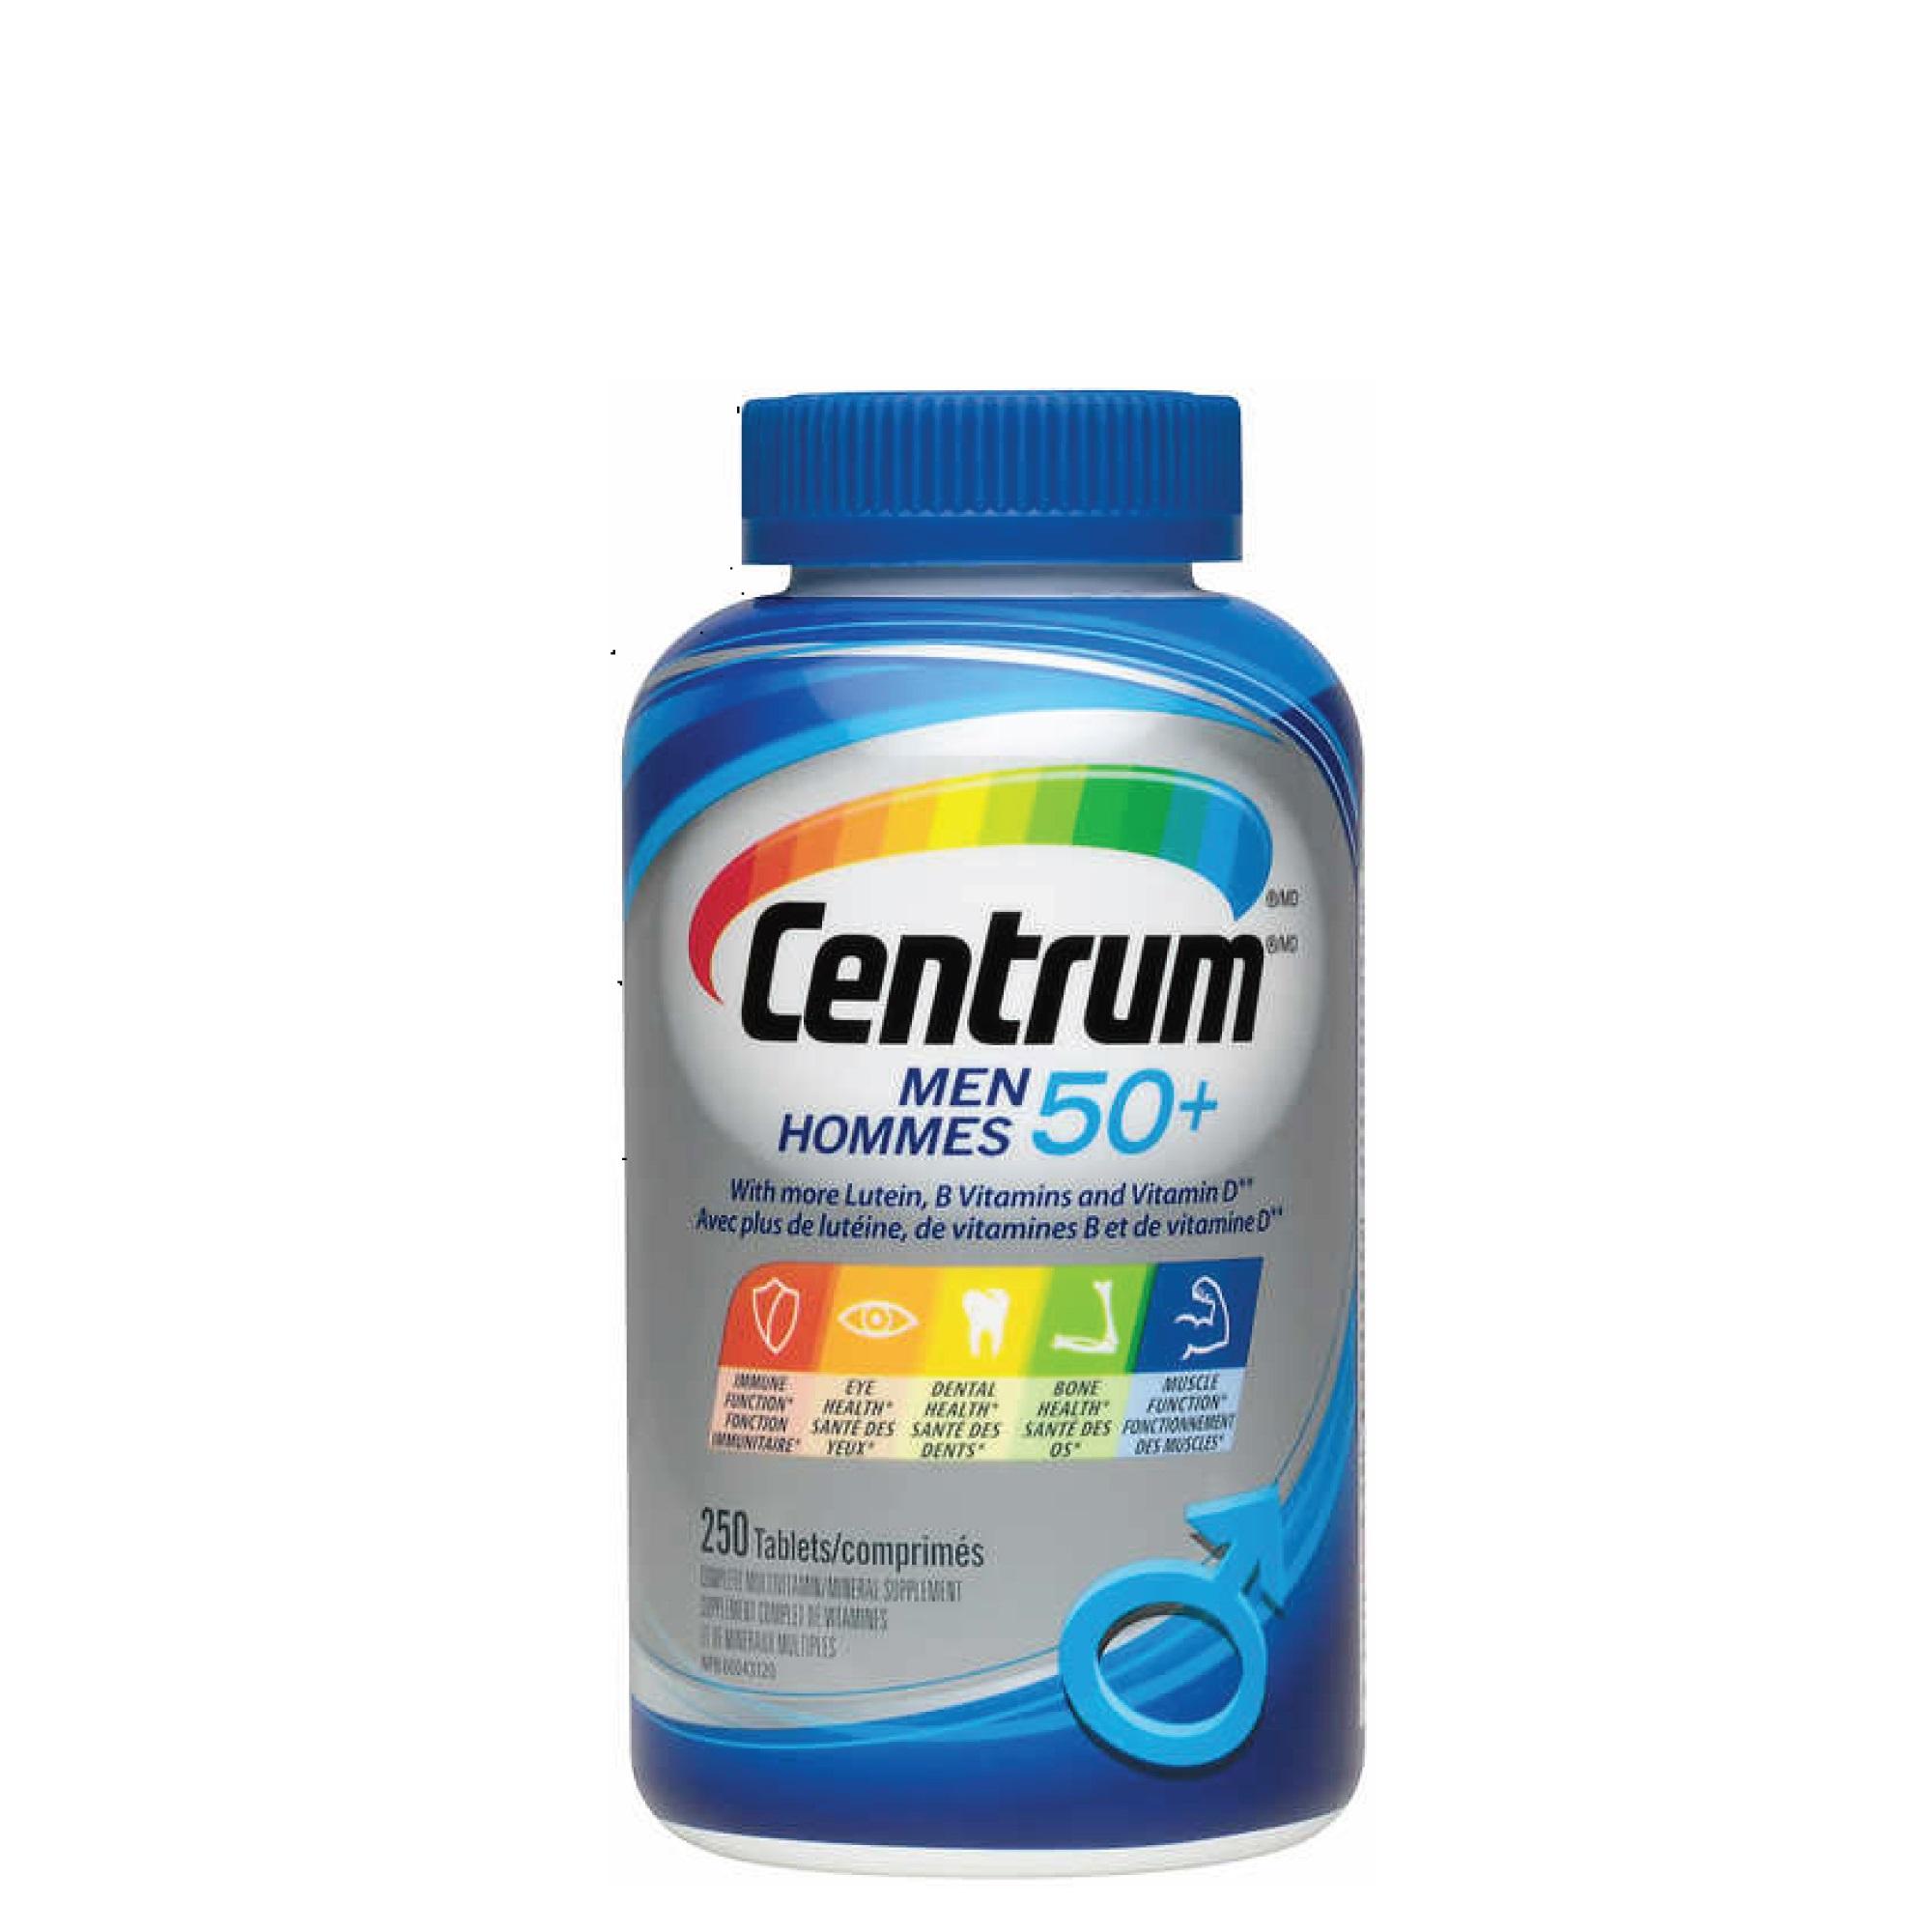 센트룸 50+실버 포맨 250정 멀티비타민+Super Vitamin C 1개 무료증정, 1병